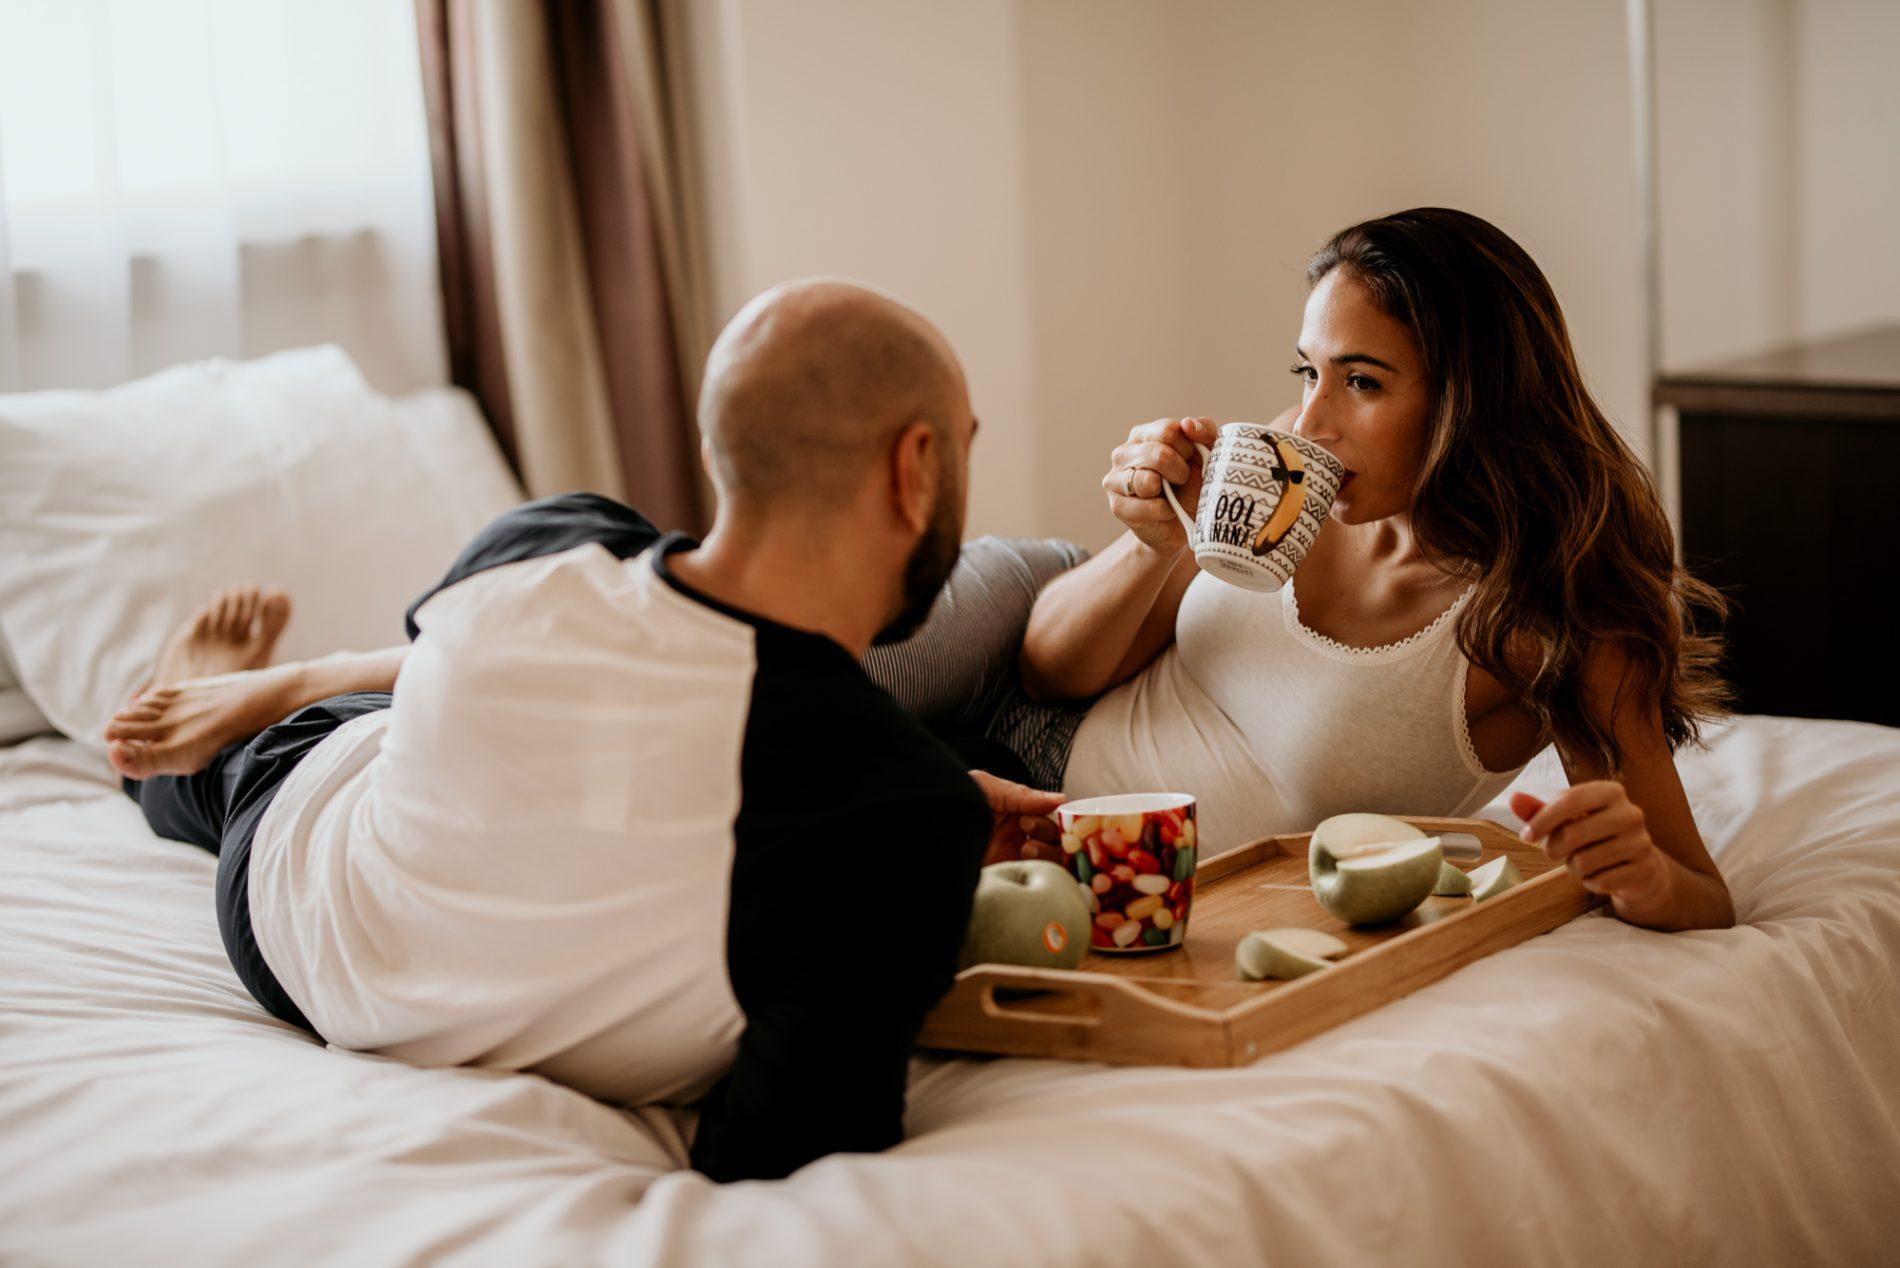 sesion love en pareja preboda